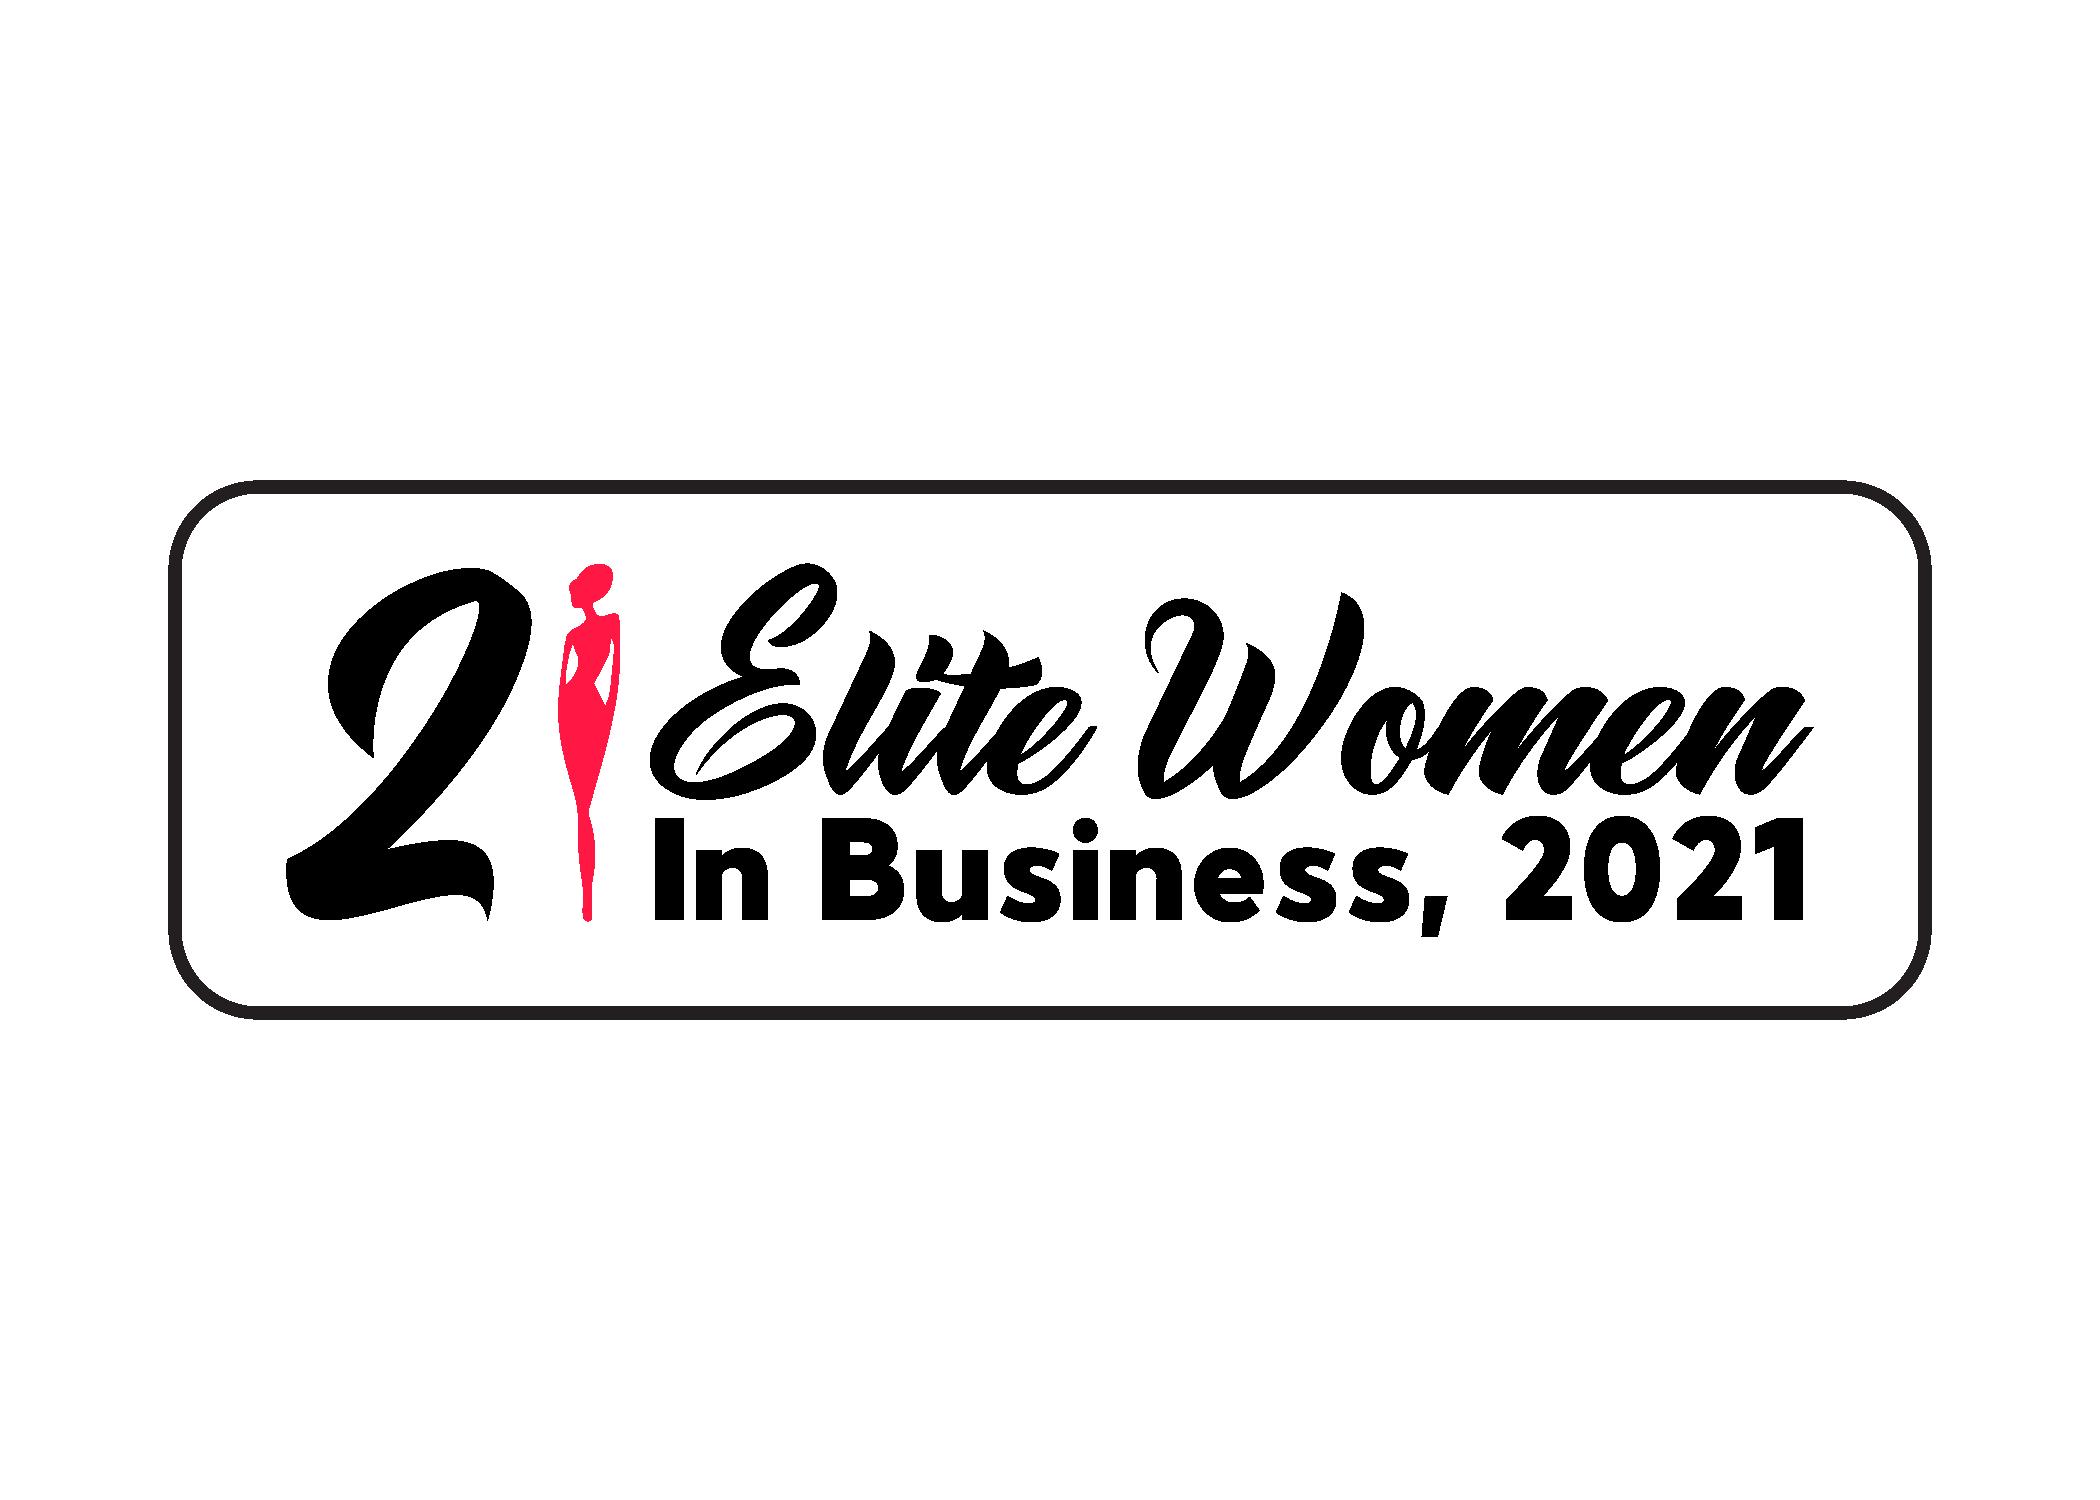 21 Elite Women in Business